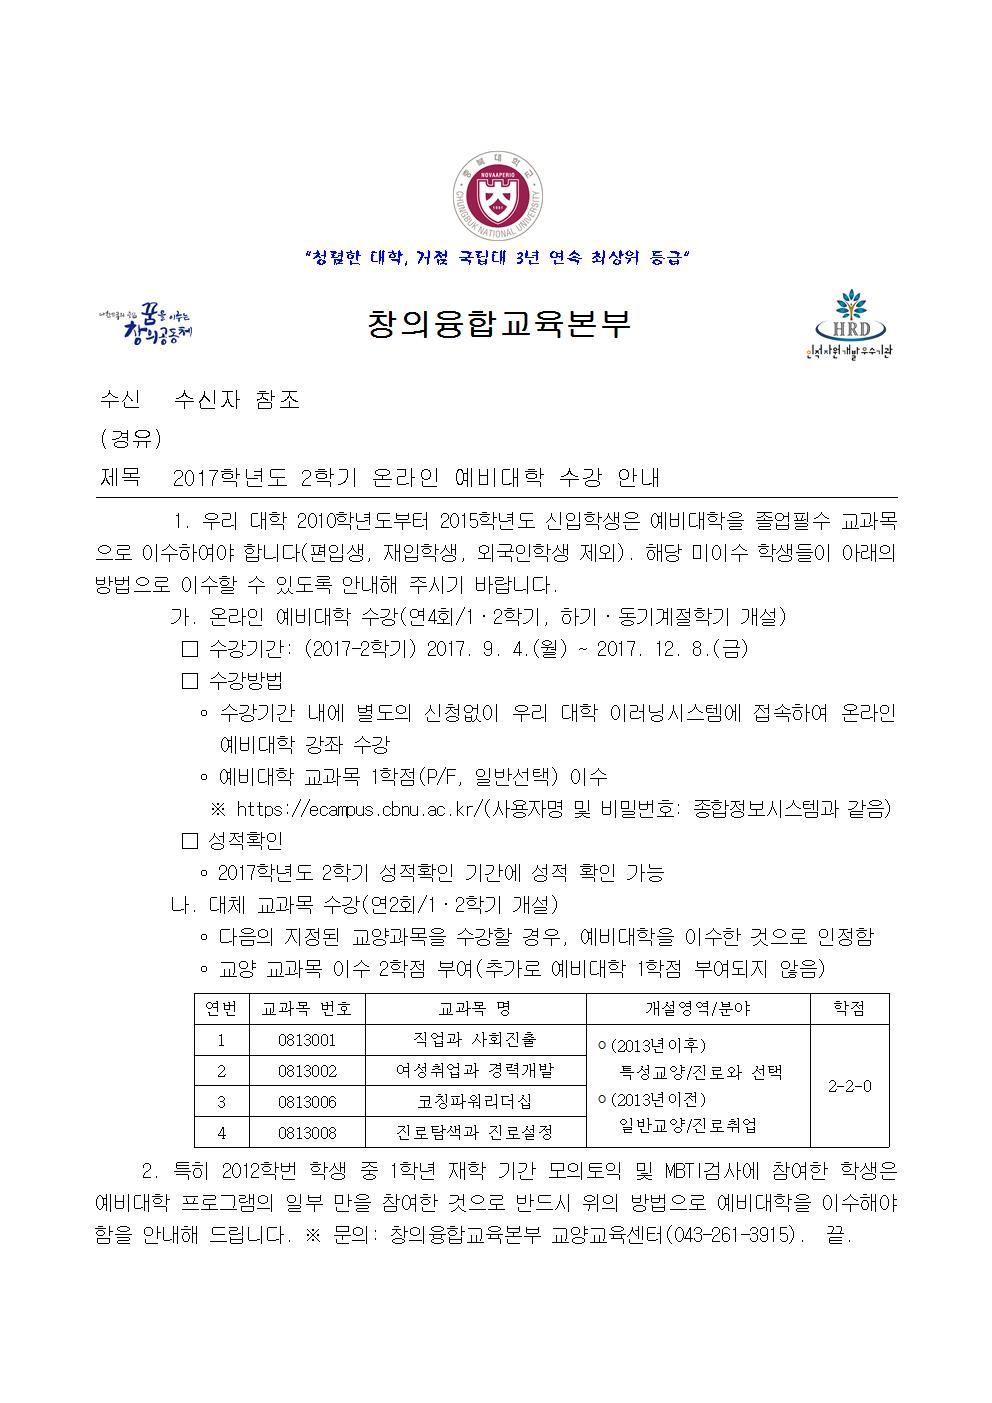 170904_01_2017학년도 2학기 온라인 예비대학 수강 안내001.jpg